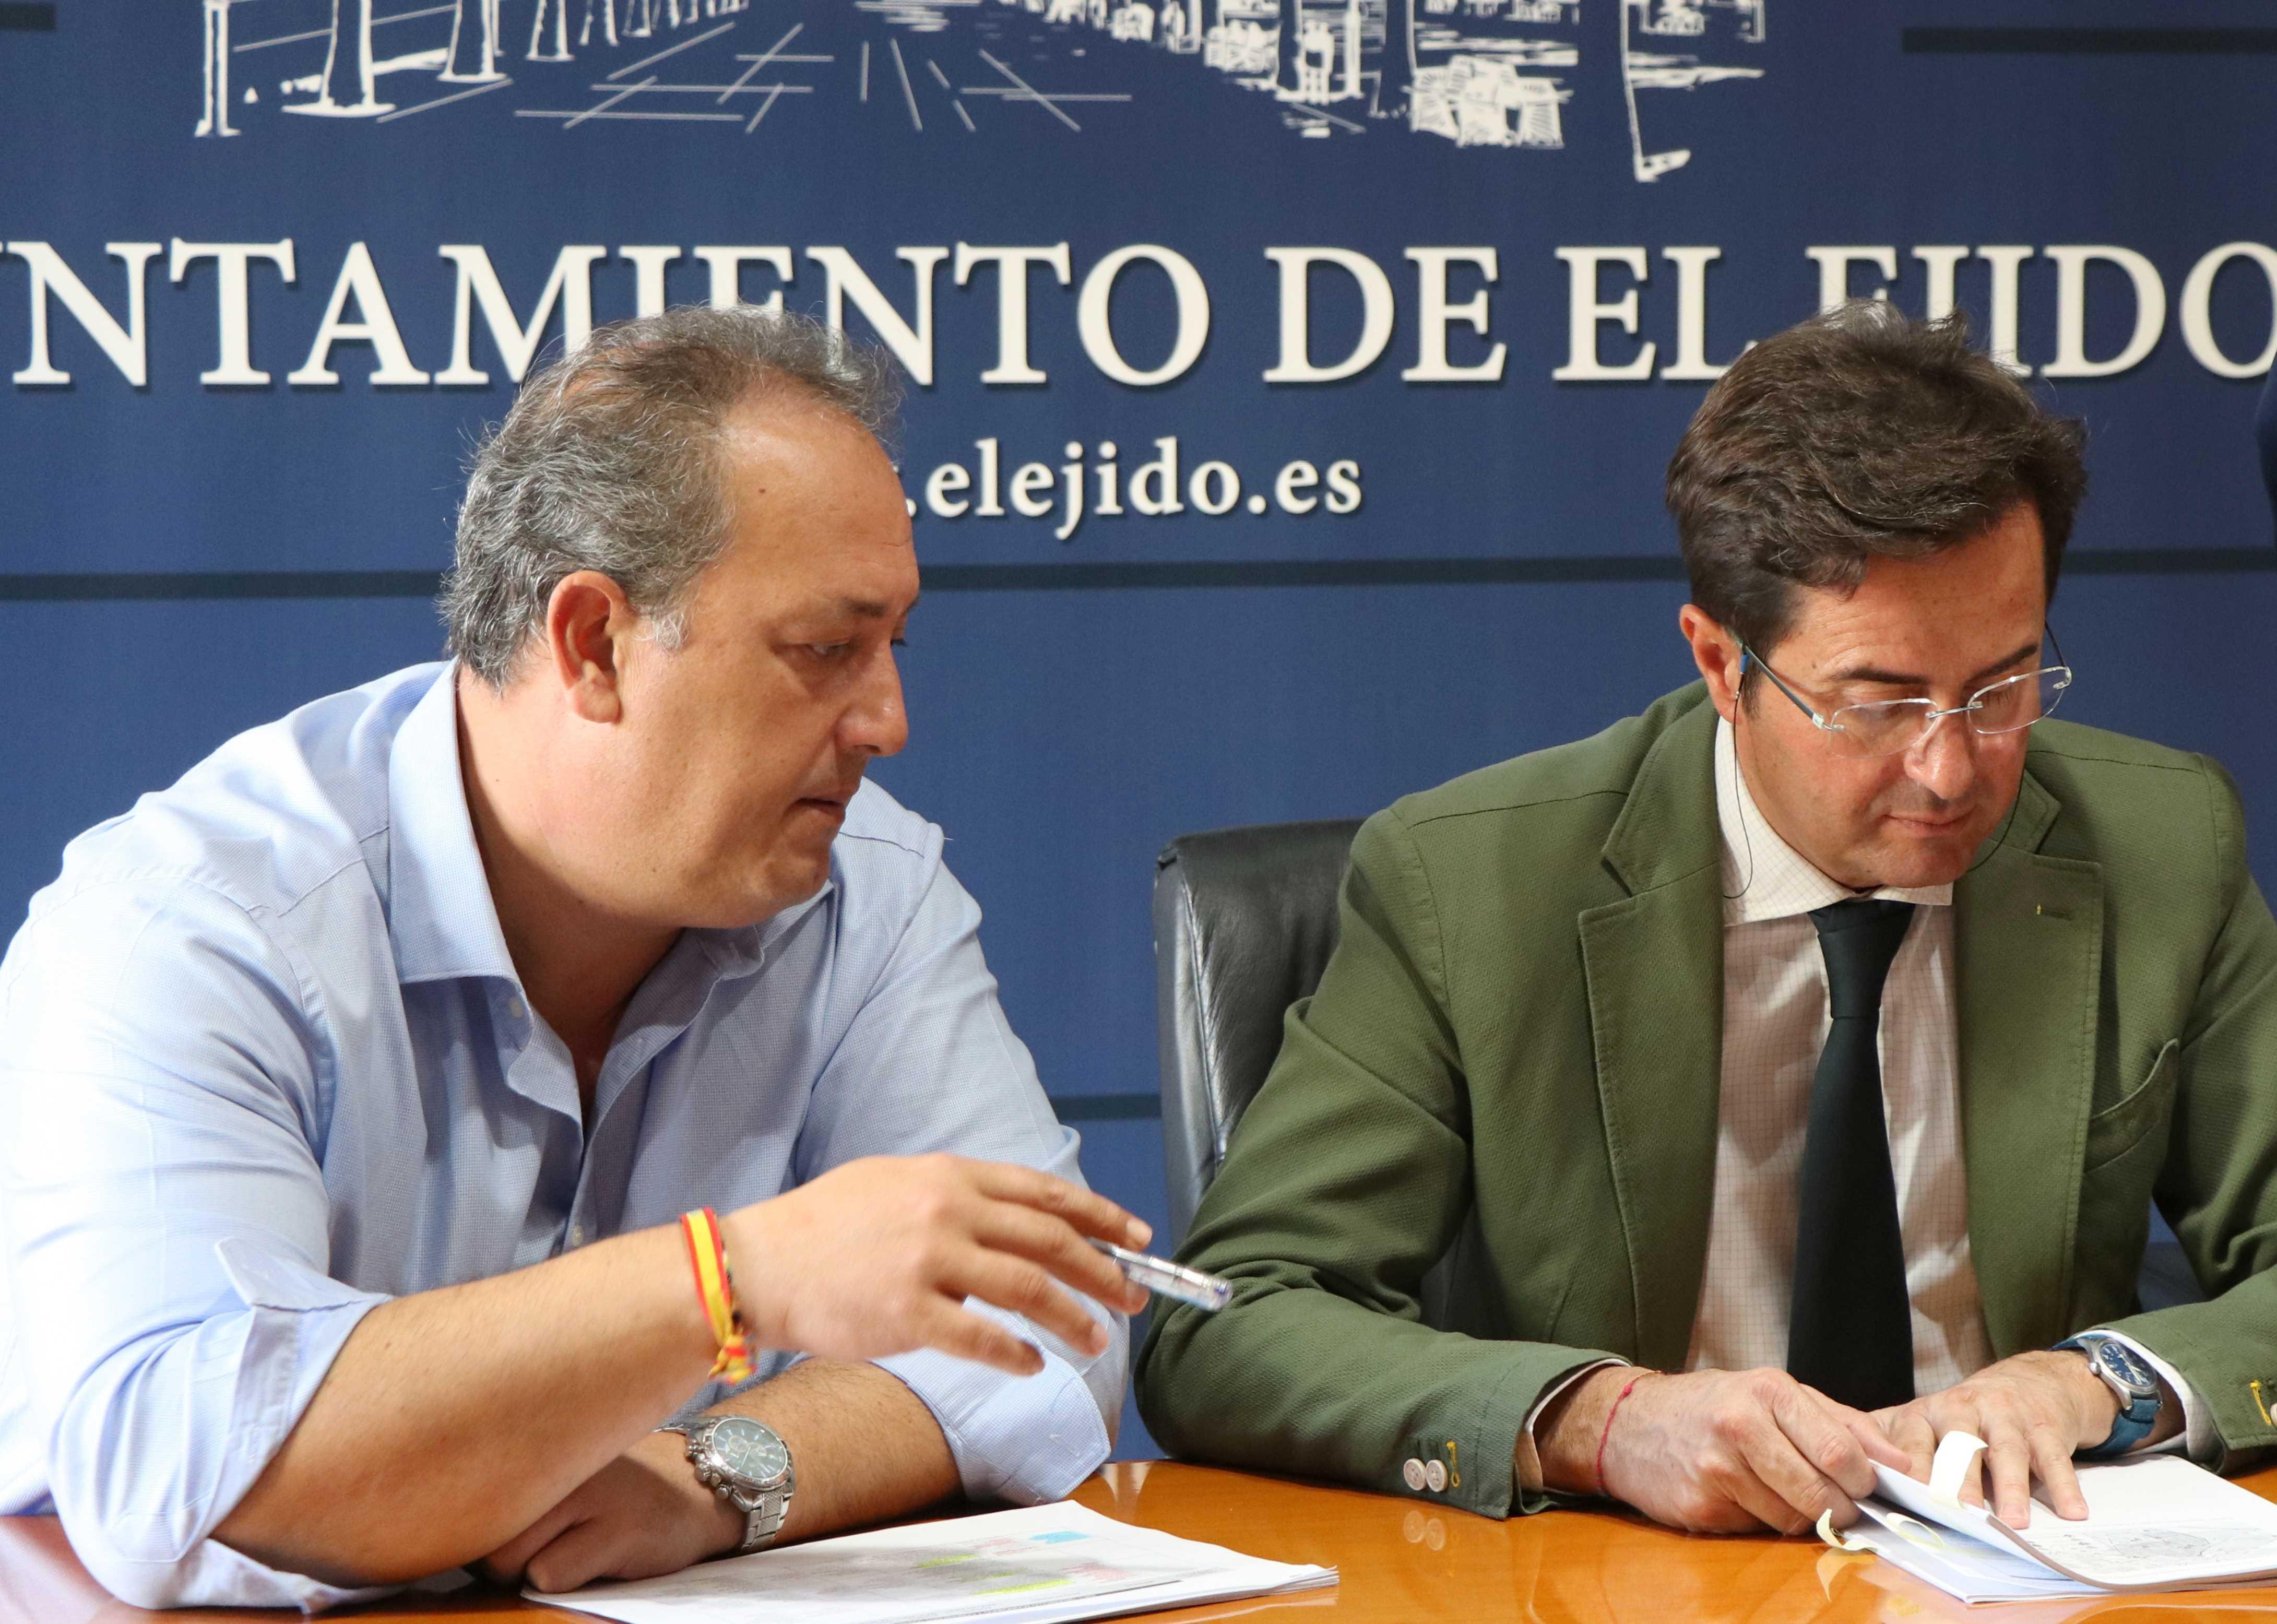 Últimos días para que las familias numerosas de El Ejido se acojan a la bonificación del 50% del IBI urbano